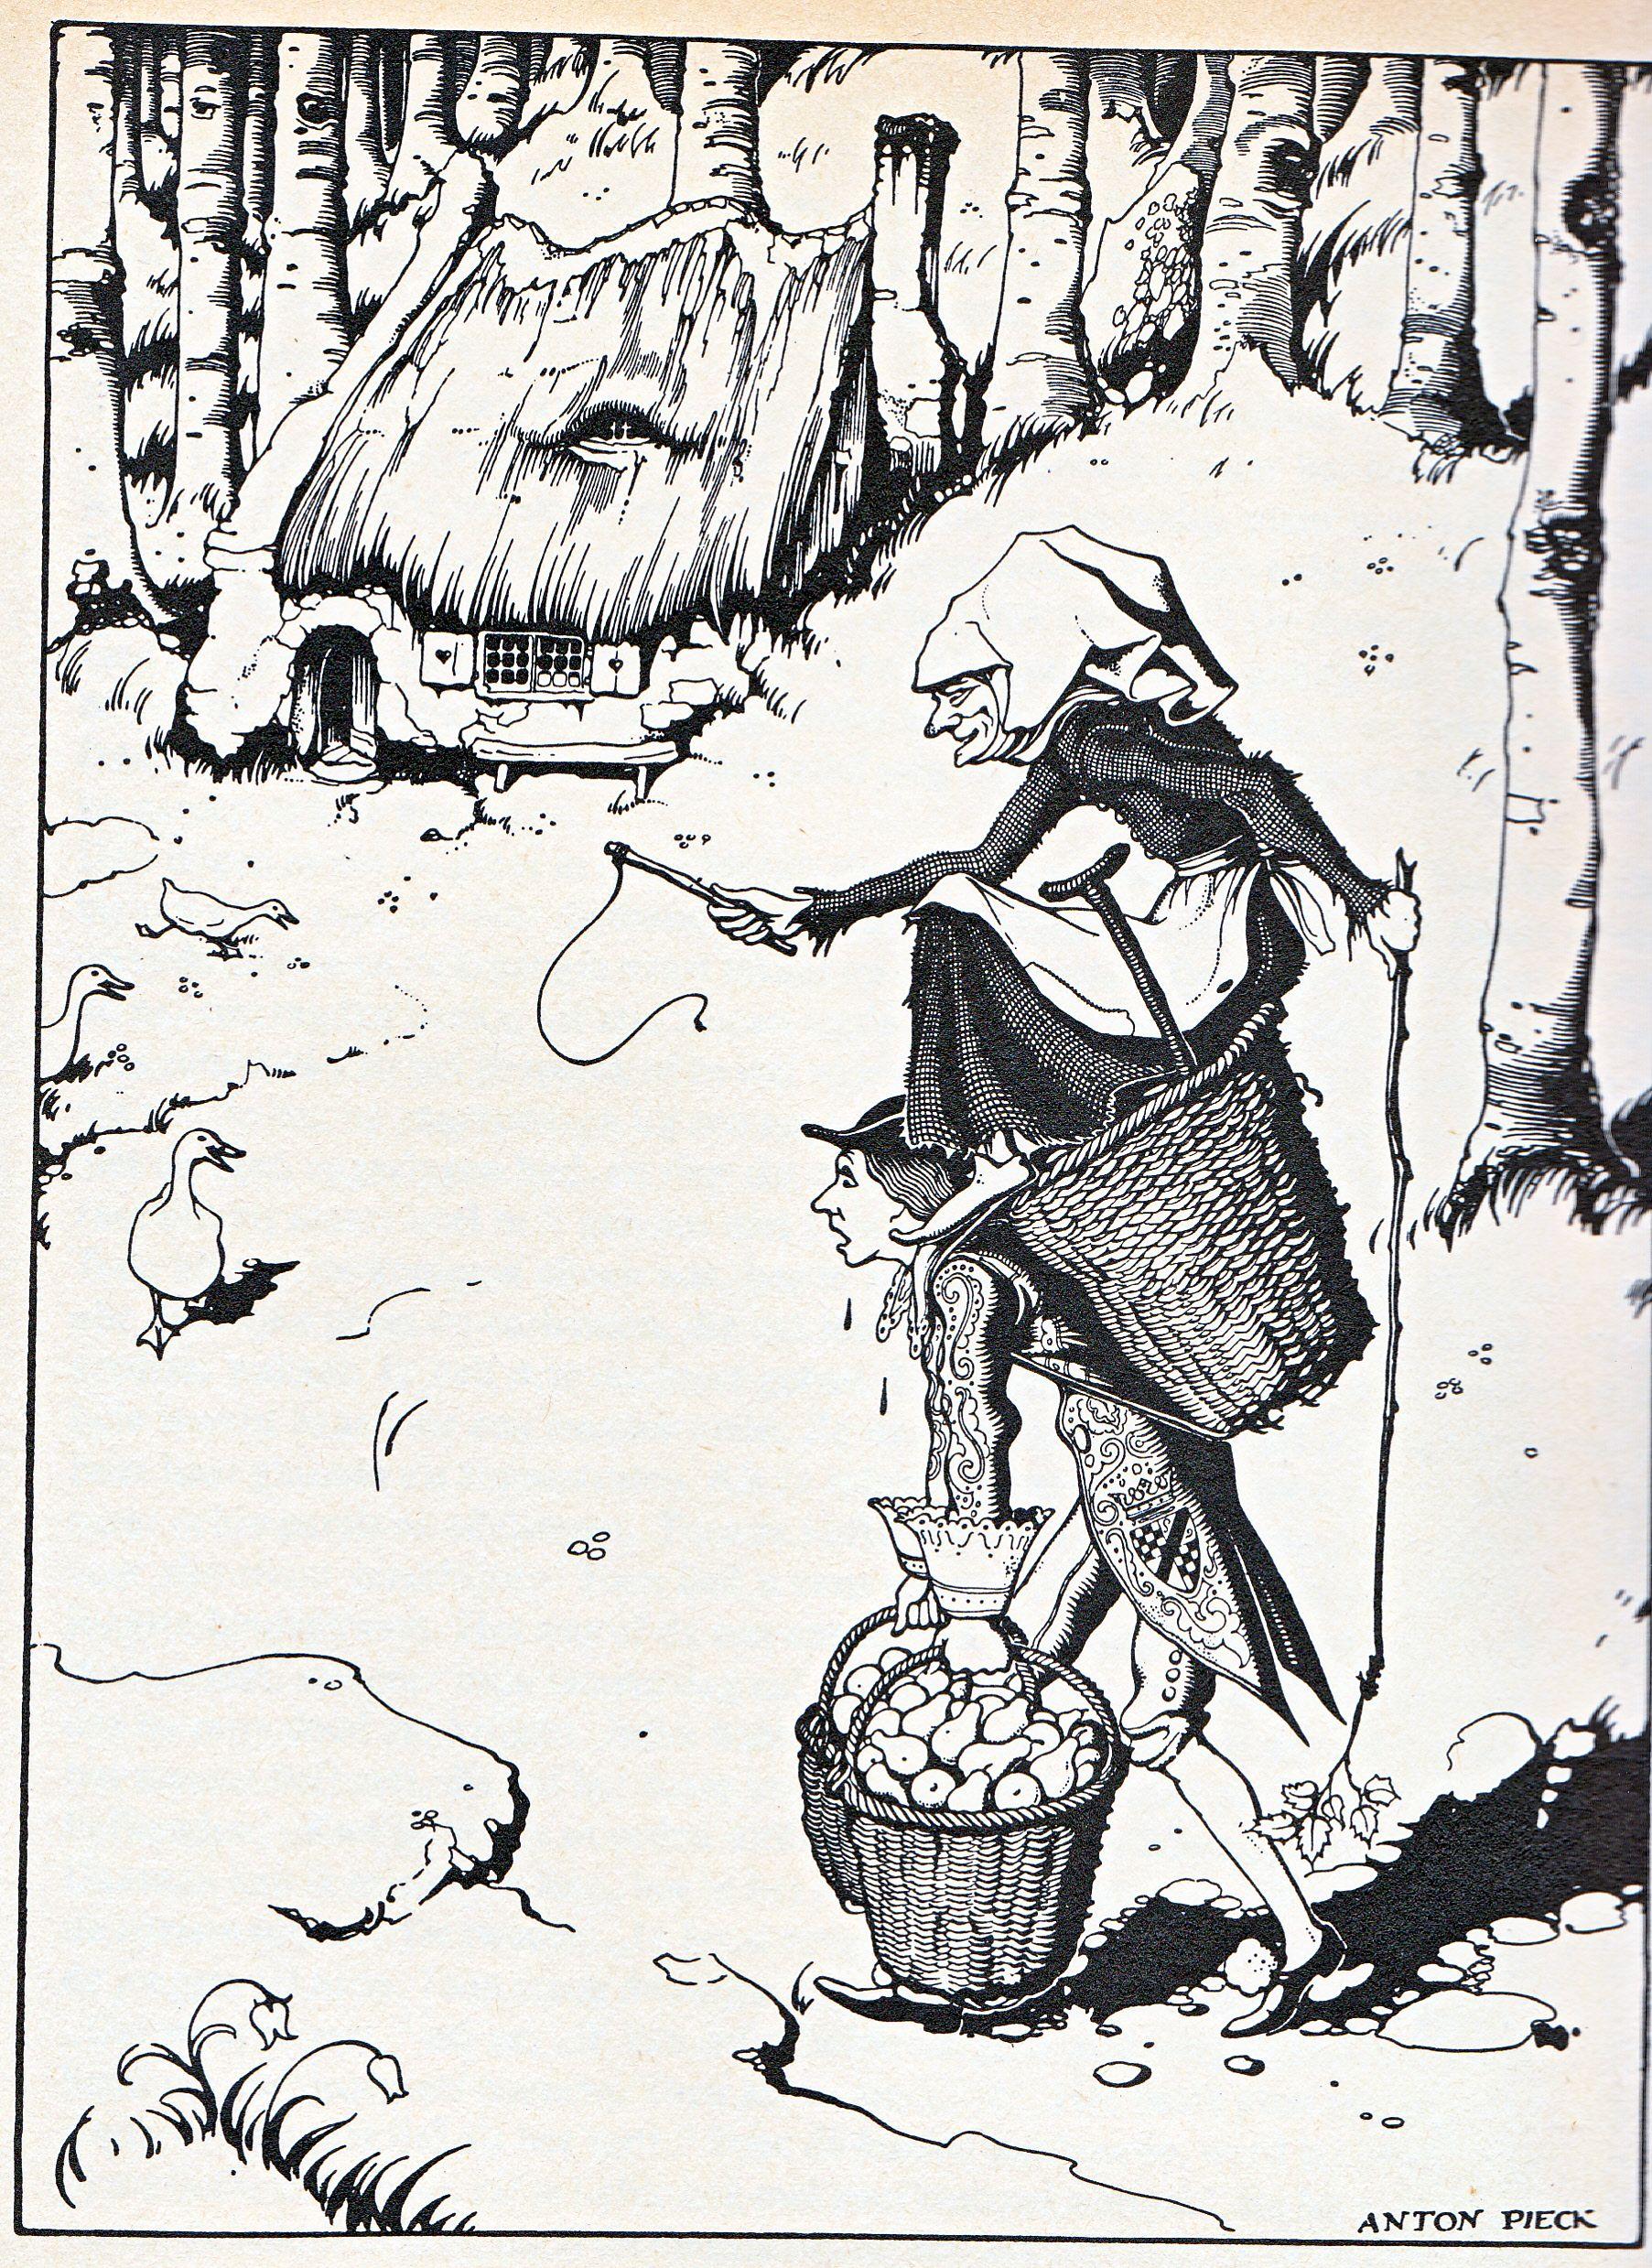 Anton Pieck Uit Grimm Het Ganzenhoedstertje Bij De Bron Grimm Sprookjes Sprookjes Sprookjes Van Grimm